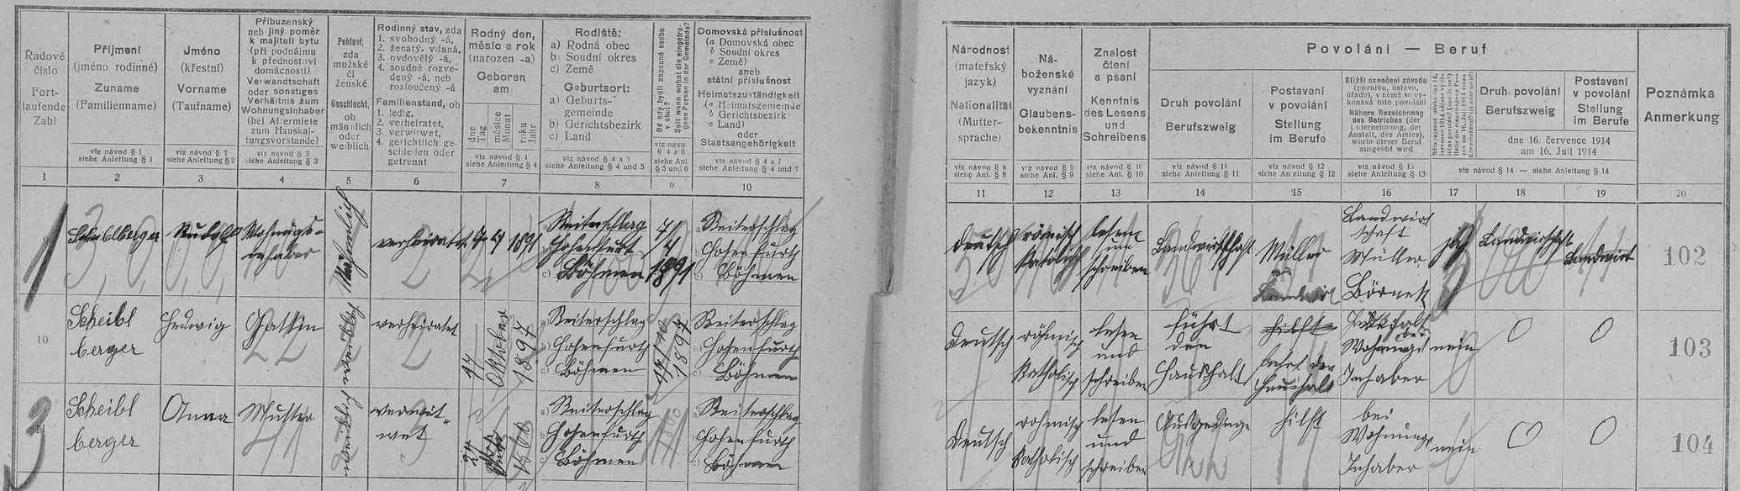 Popisný arch sčítání lidu z roku 1921 pro stavení čp. 20 v Malém Perneku zaznamenává majitele Trumplmühle Rudolfa a Hedwig Scheiblbergerovy a Rudolfovu matku Annu